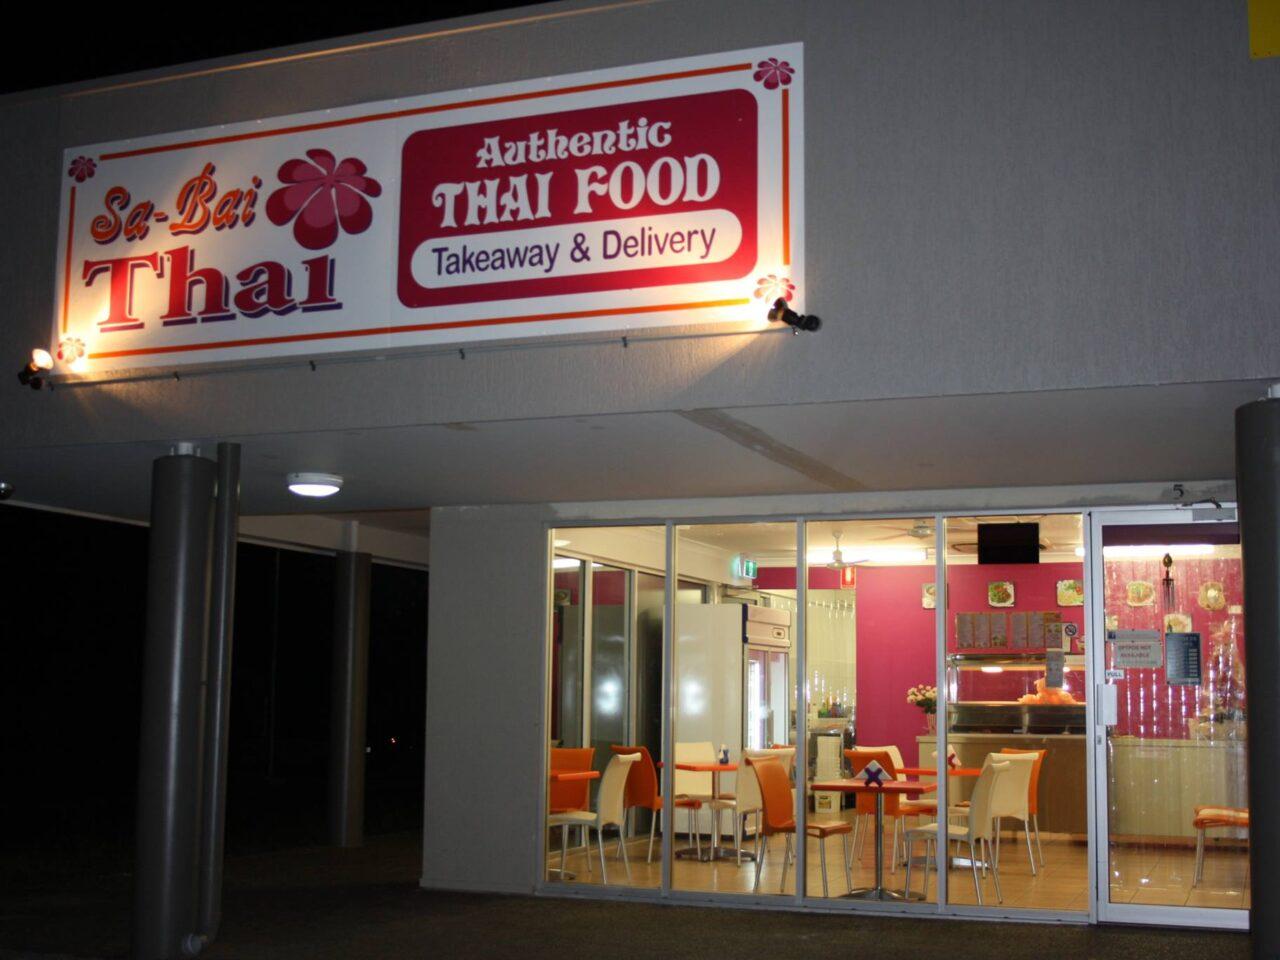 Sa - Bai Thai Takeaway Darwin